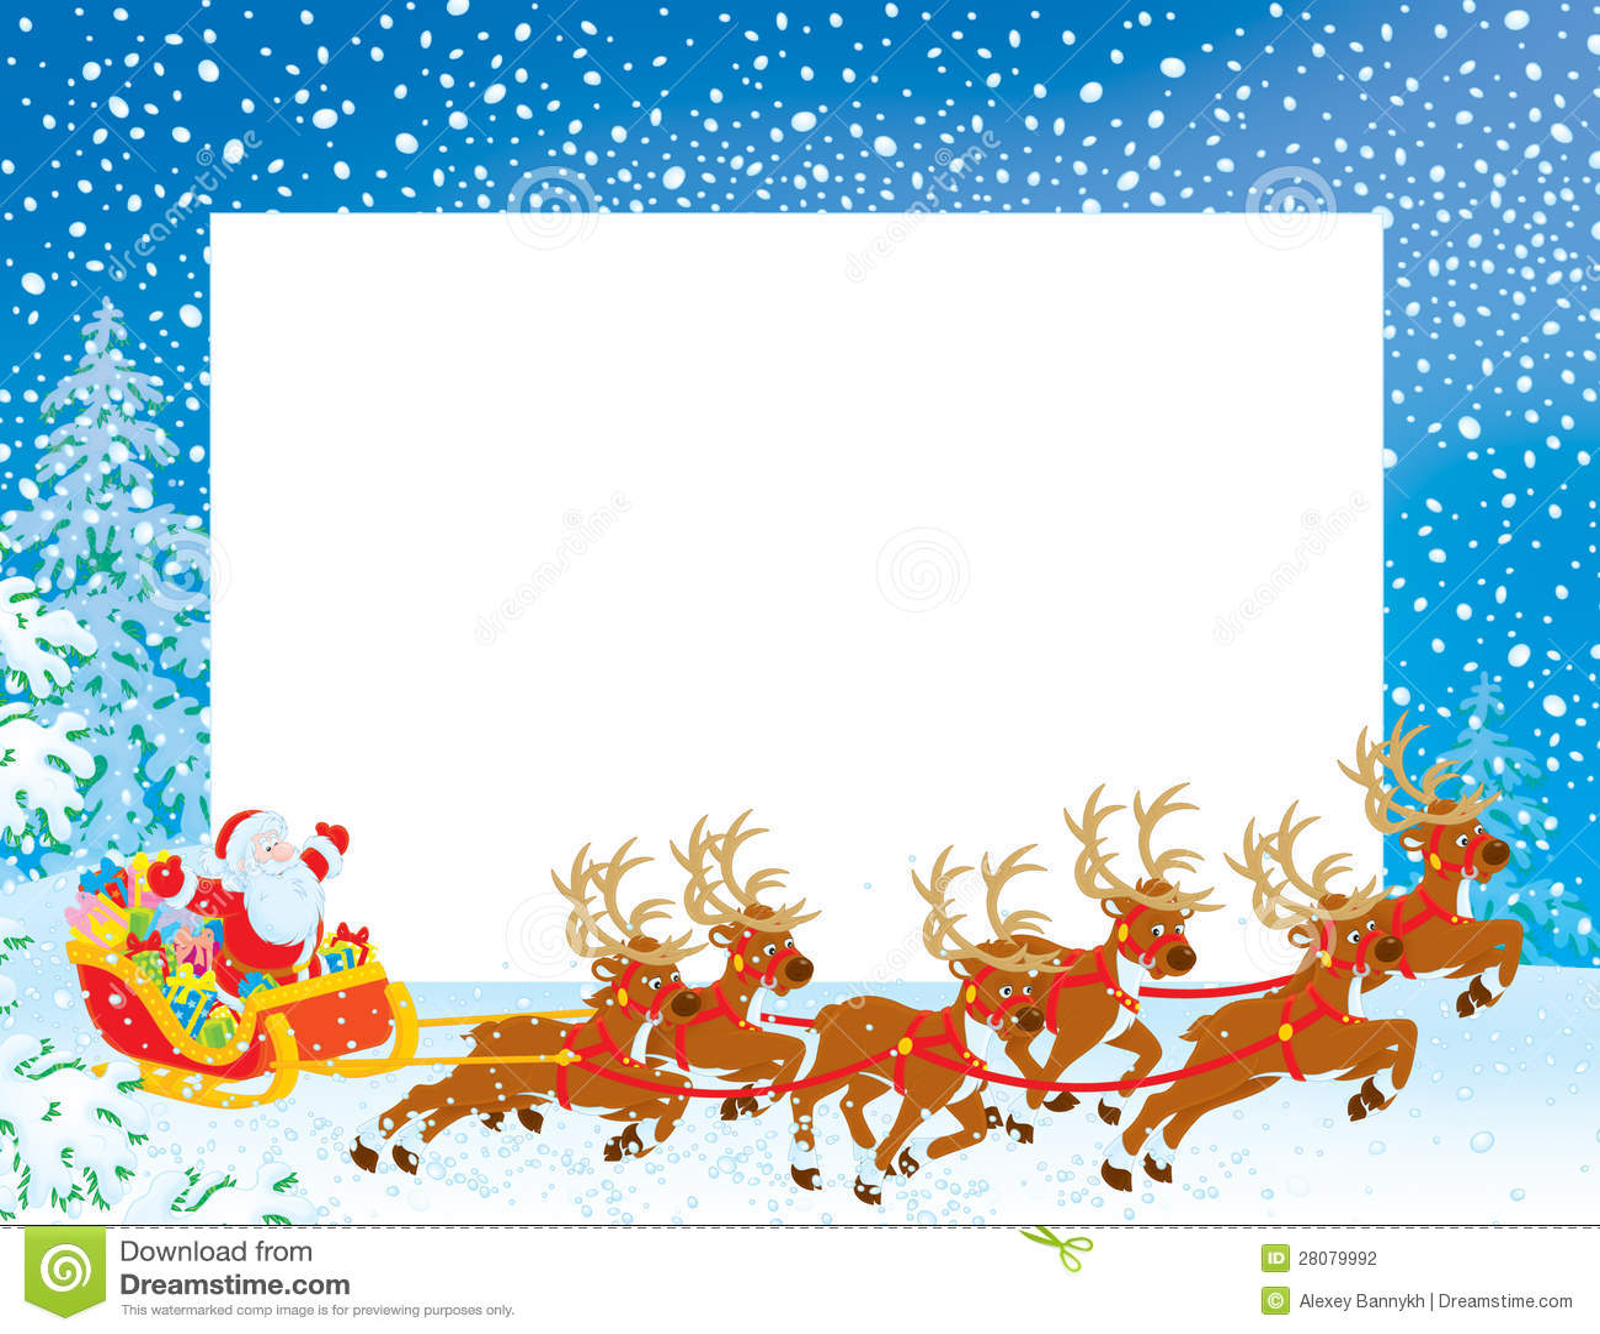 Santa Borders Christmas border with santa